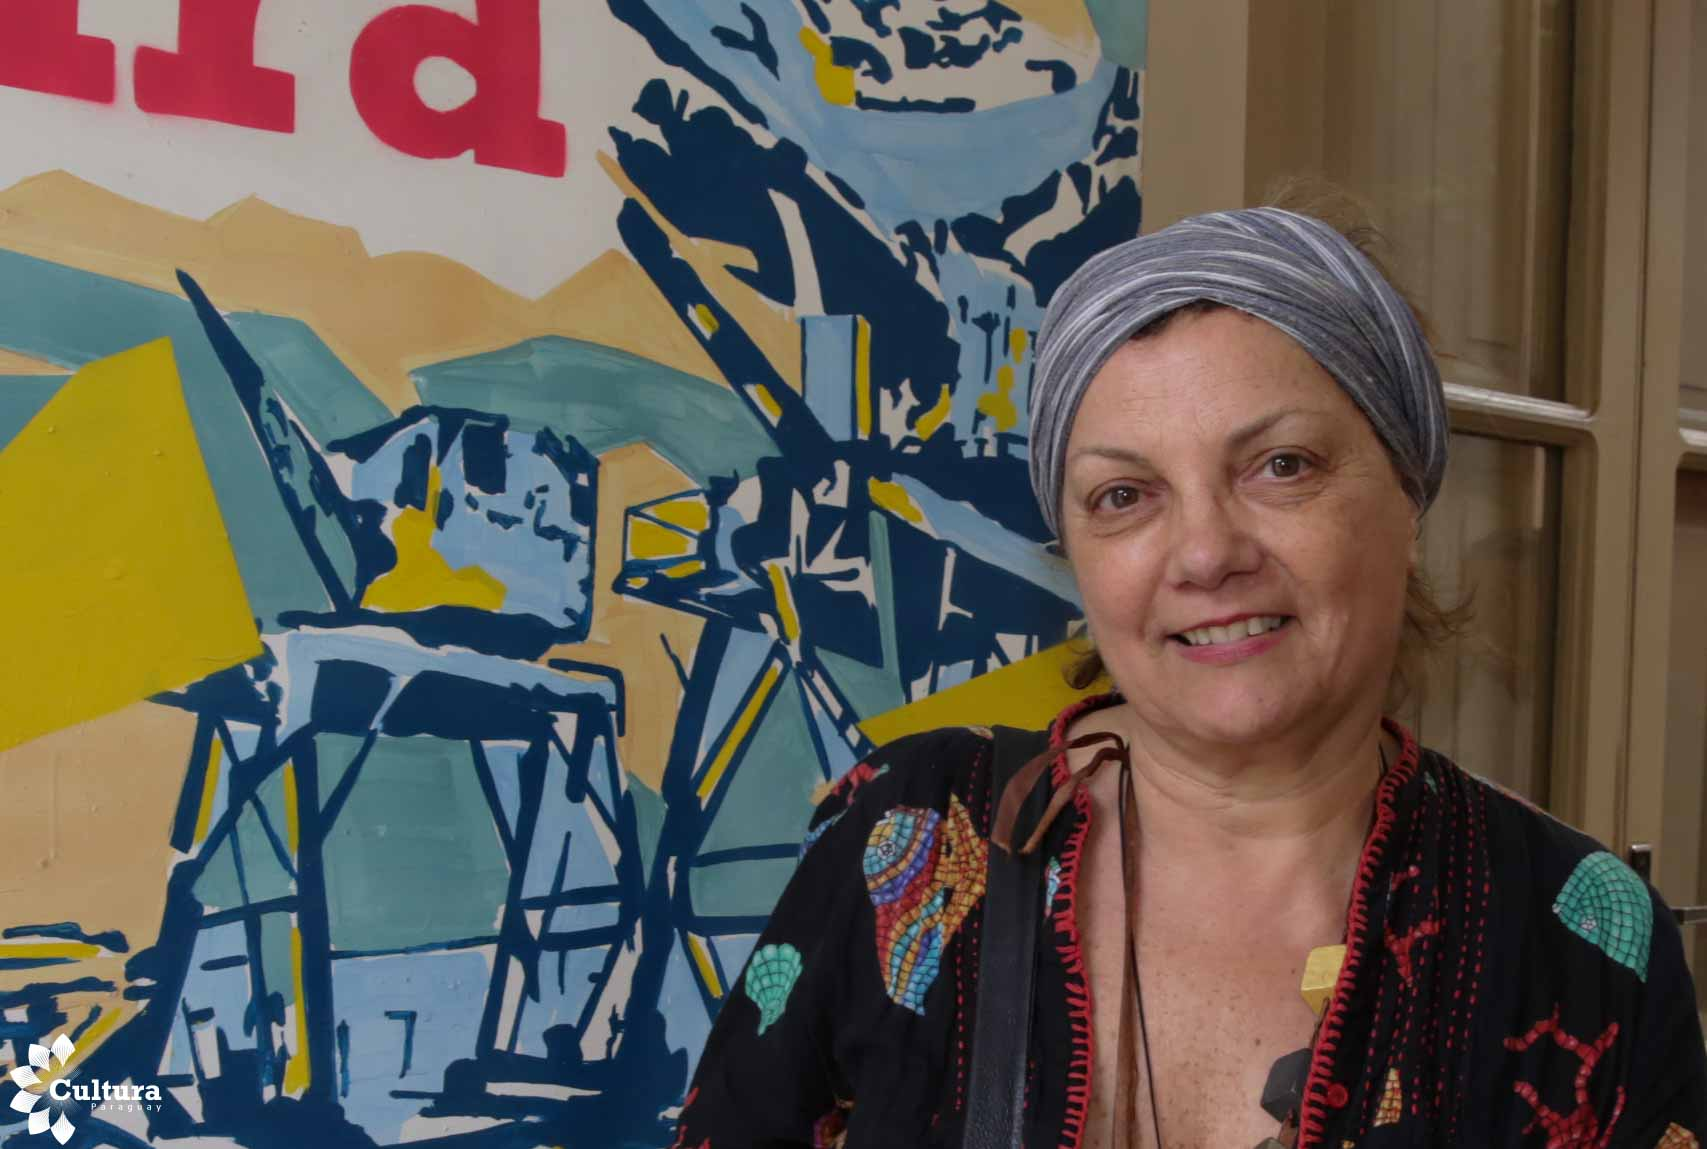 Ganadora del Premio Mercosur de Artes Visuales inicia esta semana residencia artística en Uruguay imagen